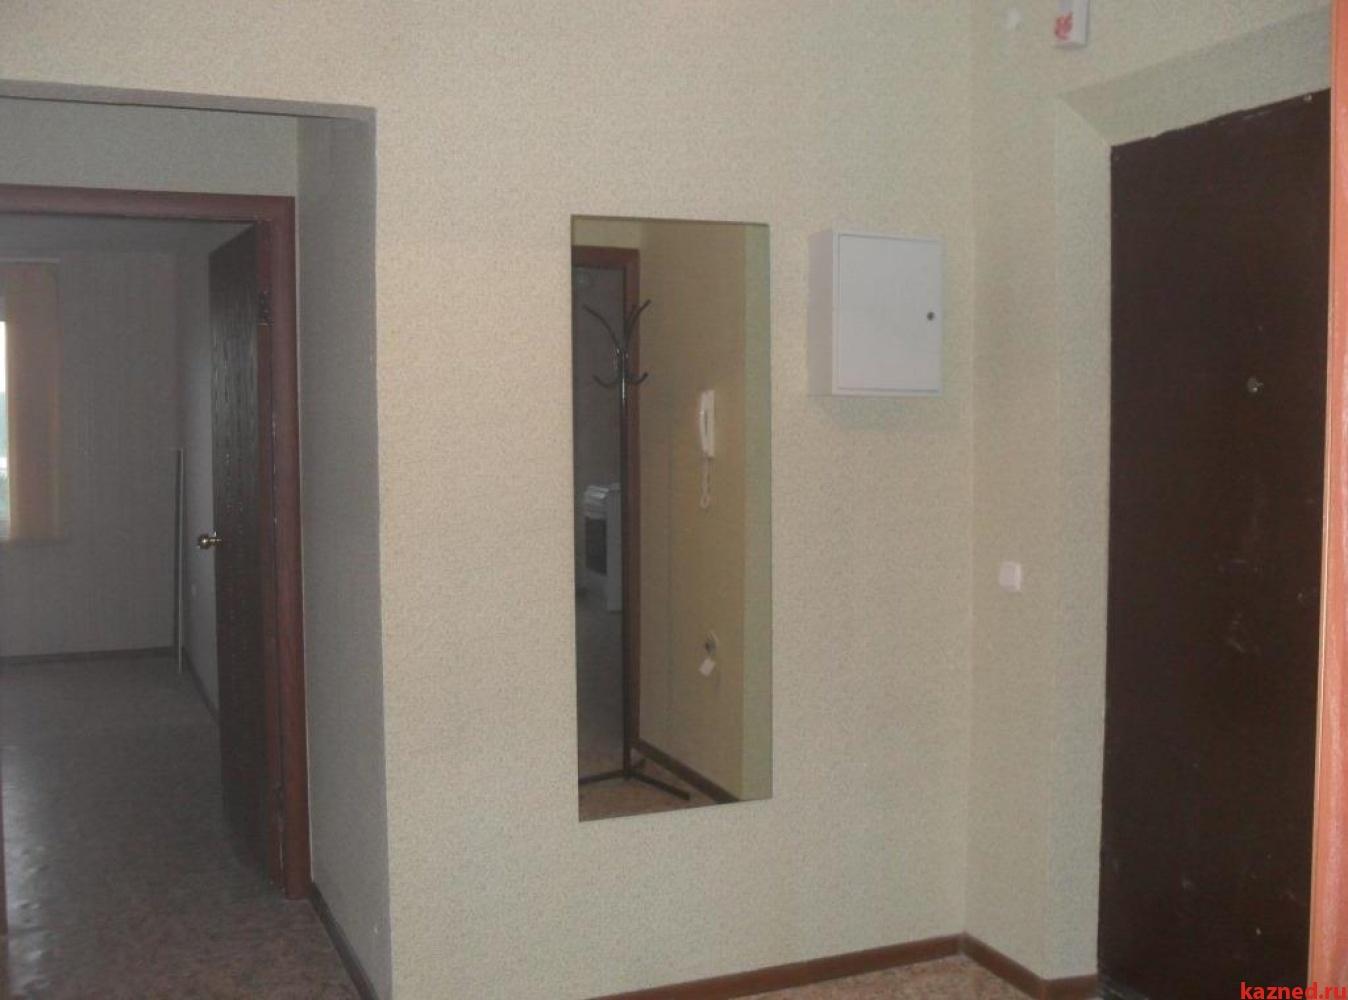 Продажа 2-к квартиры Привокзальная 52, 66 м2  (миниатюра №5)